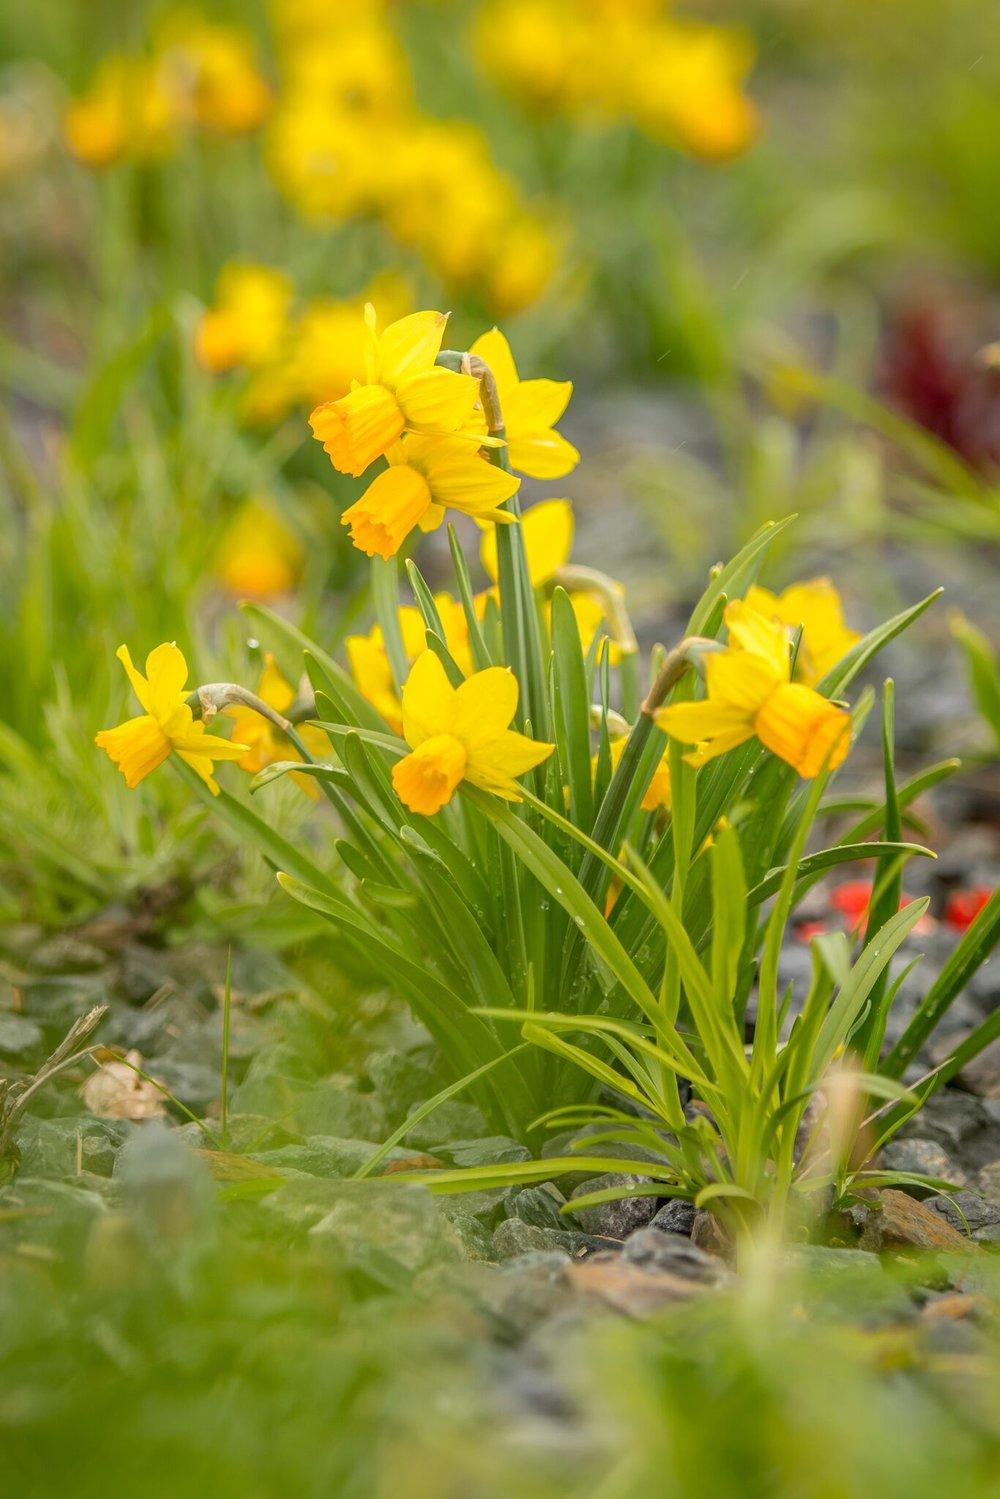 narcisy - Narcissus cyclamineus 'Jetfire'